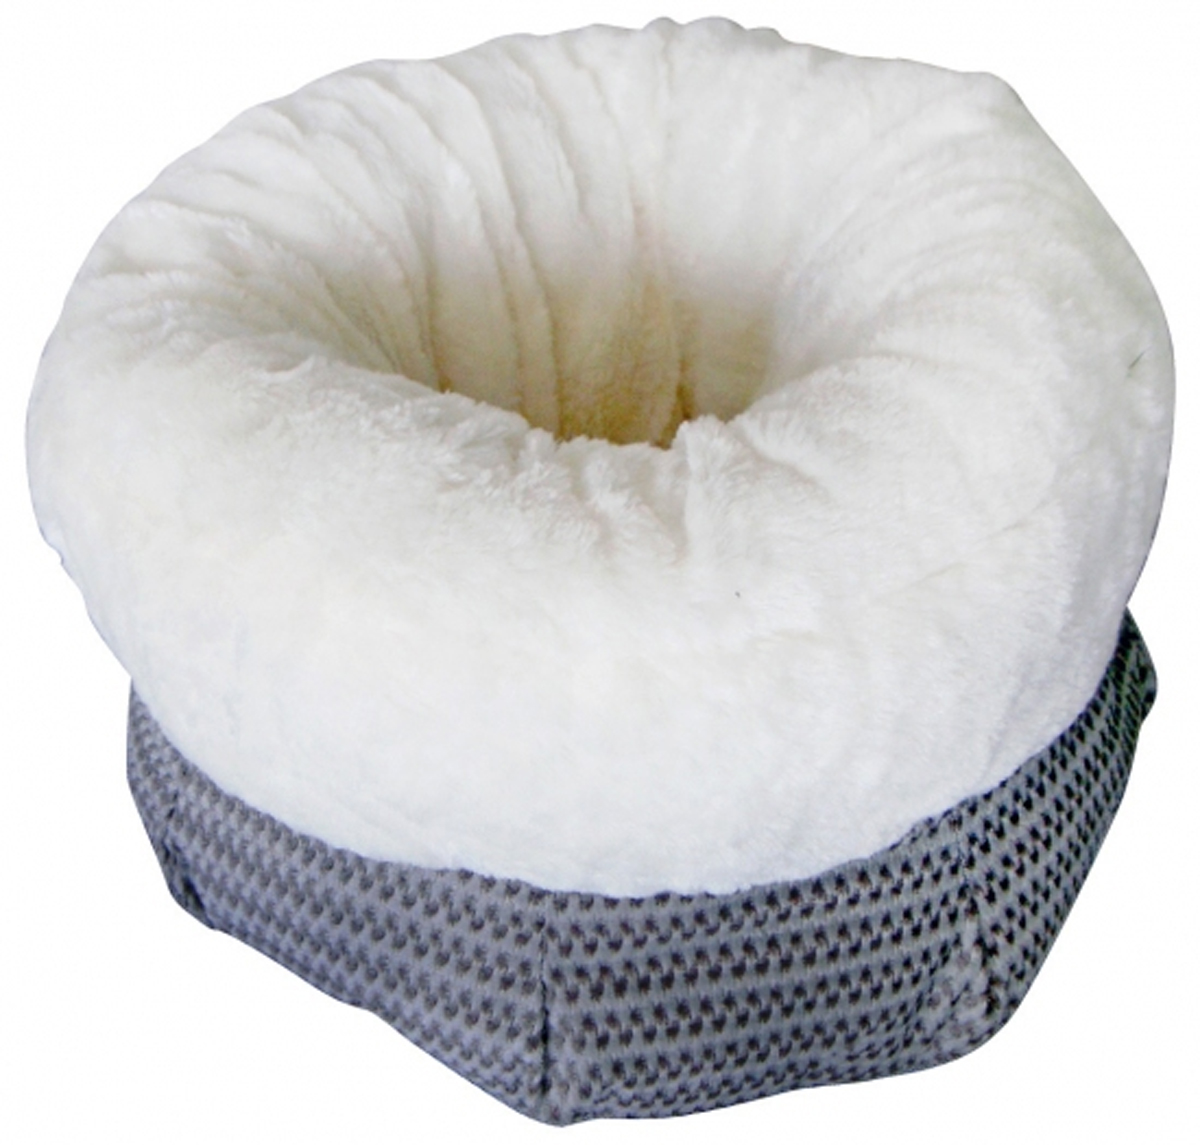 Лежак для животных FAUNA Bianka grey, цвет: белый, серый, 40 х 40 х 23 см0120710Мягкий лежак для животных FAUNA Bianka grey обязательно понравится вашему питомцу. Он выполнен из высококачественных материалов, а наполнитель - из мягкого поролона. Такой материал не теряет своей формы долгое время. Борта обеспечат вашему любимцу уют.Лежак FAUNA Bianka grey станет излюбленным местом вашего питомца, подарит ему спокойный и комфортный сон, а также убережет вашу мебель от многочисленной шерсти. Размер по верхнему краю: 40 х 40 см.Высота: 23 см.